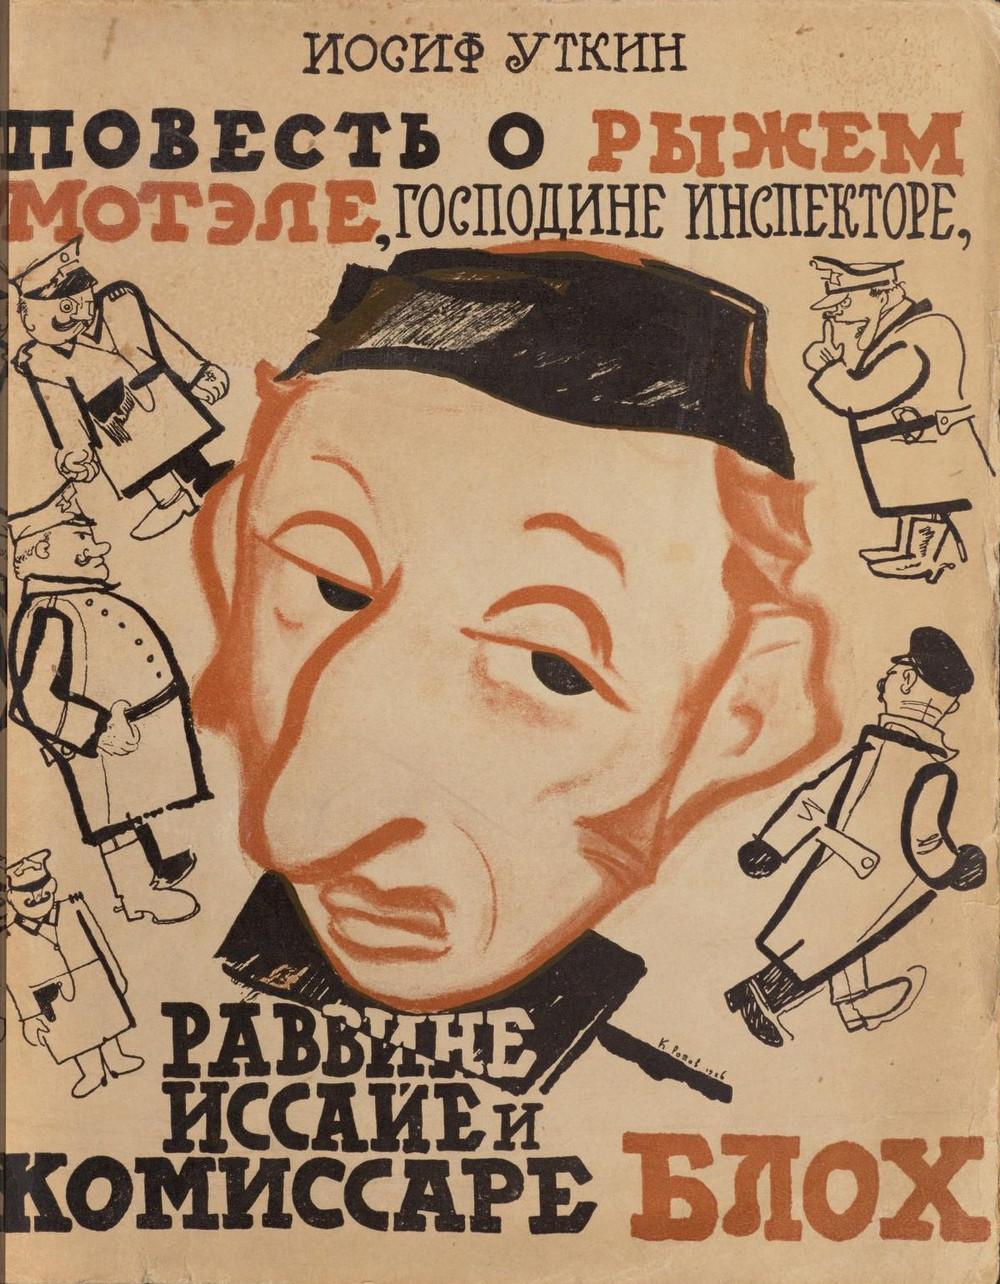 «Повесть о рыжем Мотэле, господине инспекторе, раввине Иссайе и комиссаре Блох» (1926 год) 1